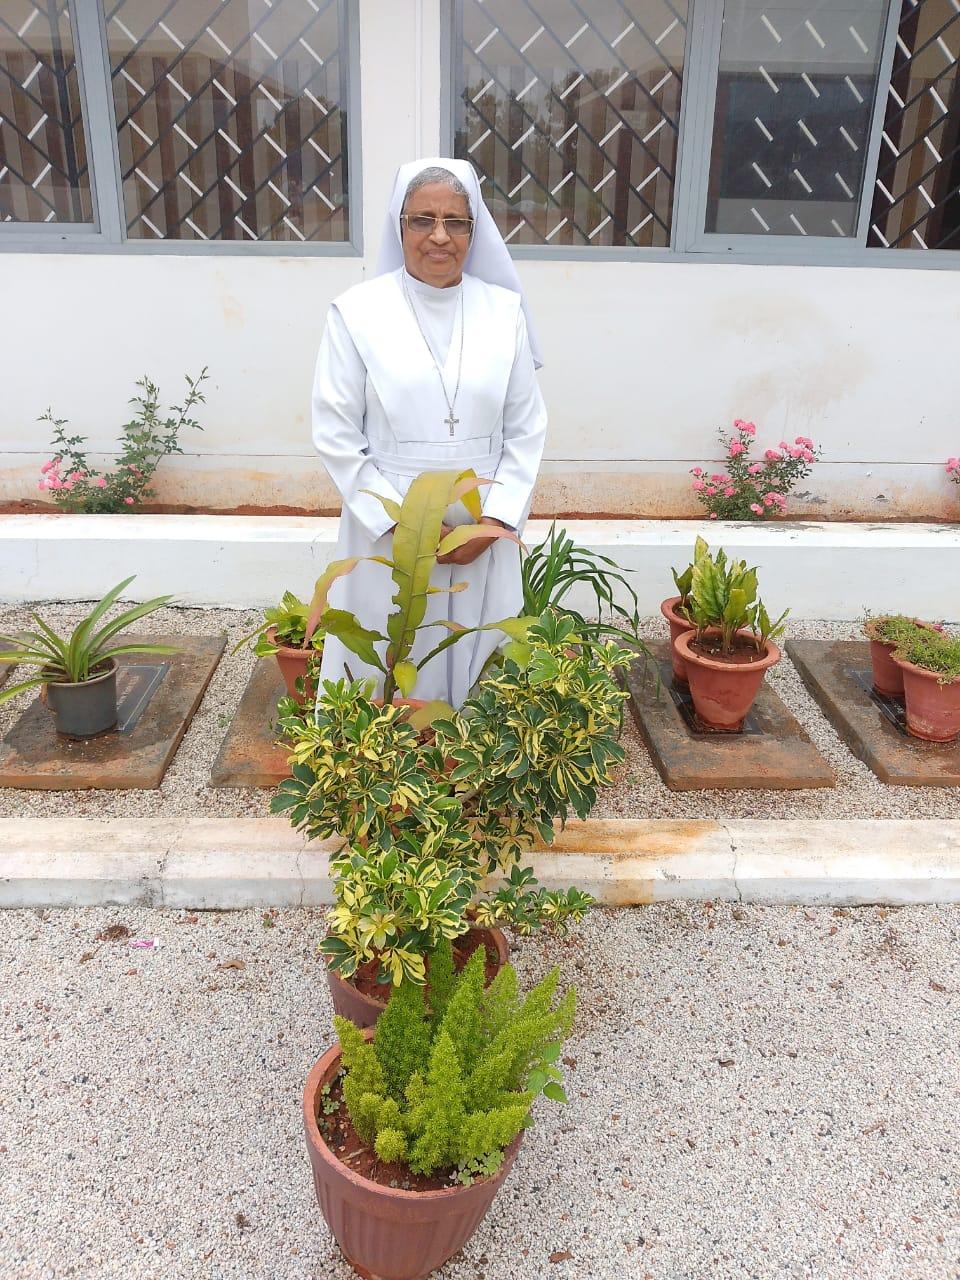 Sr. Susie Kuruthukulangara